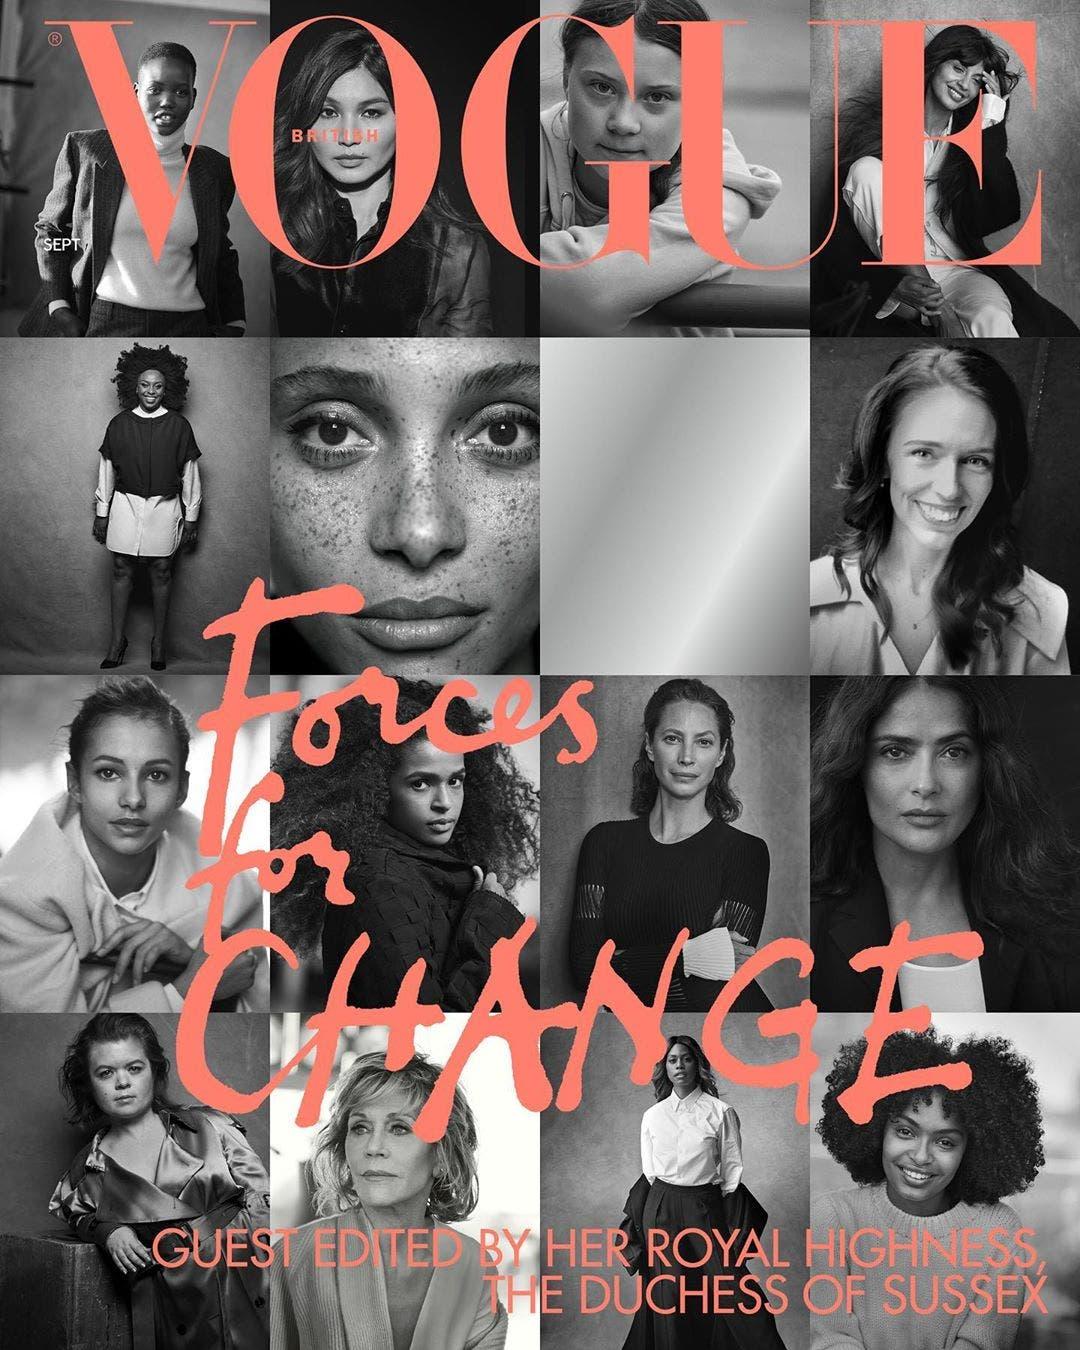 غلاف عدد مجلة فوغ لشهر سبتمبر المقبل